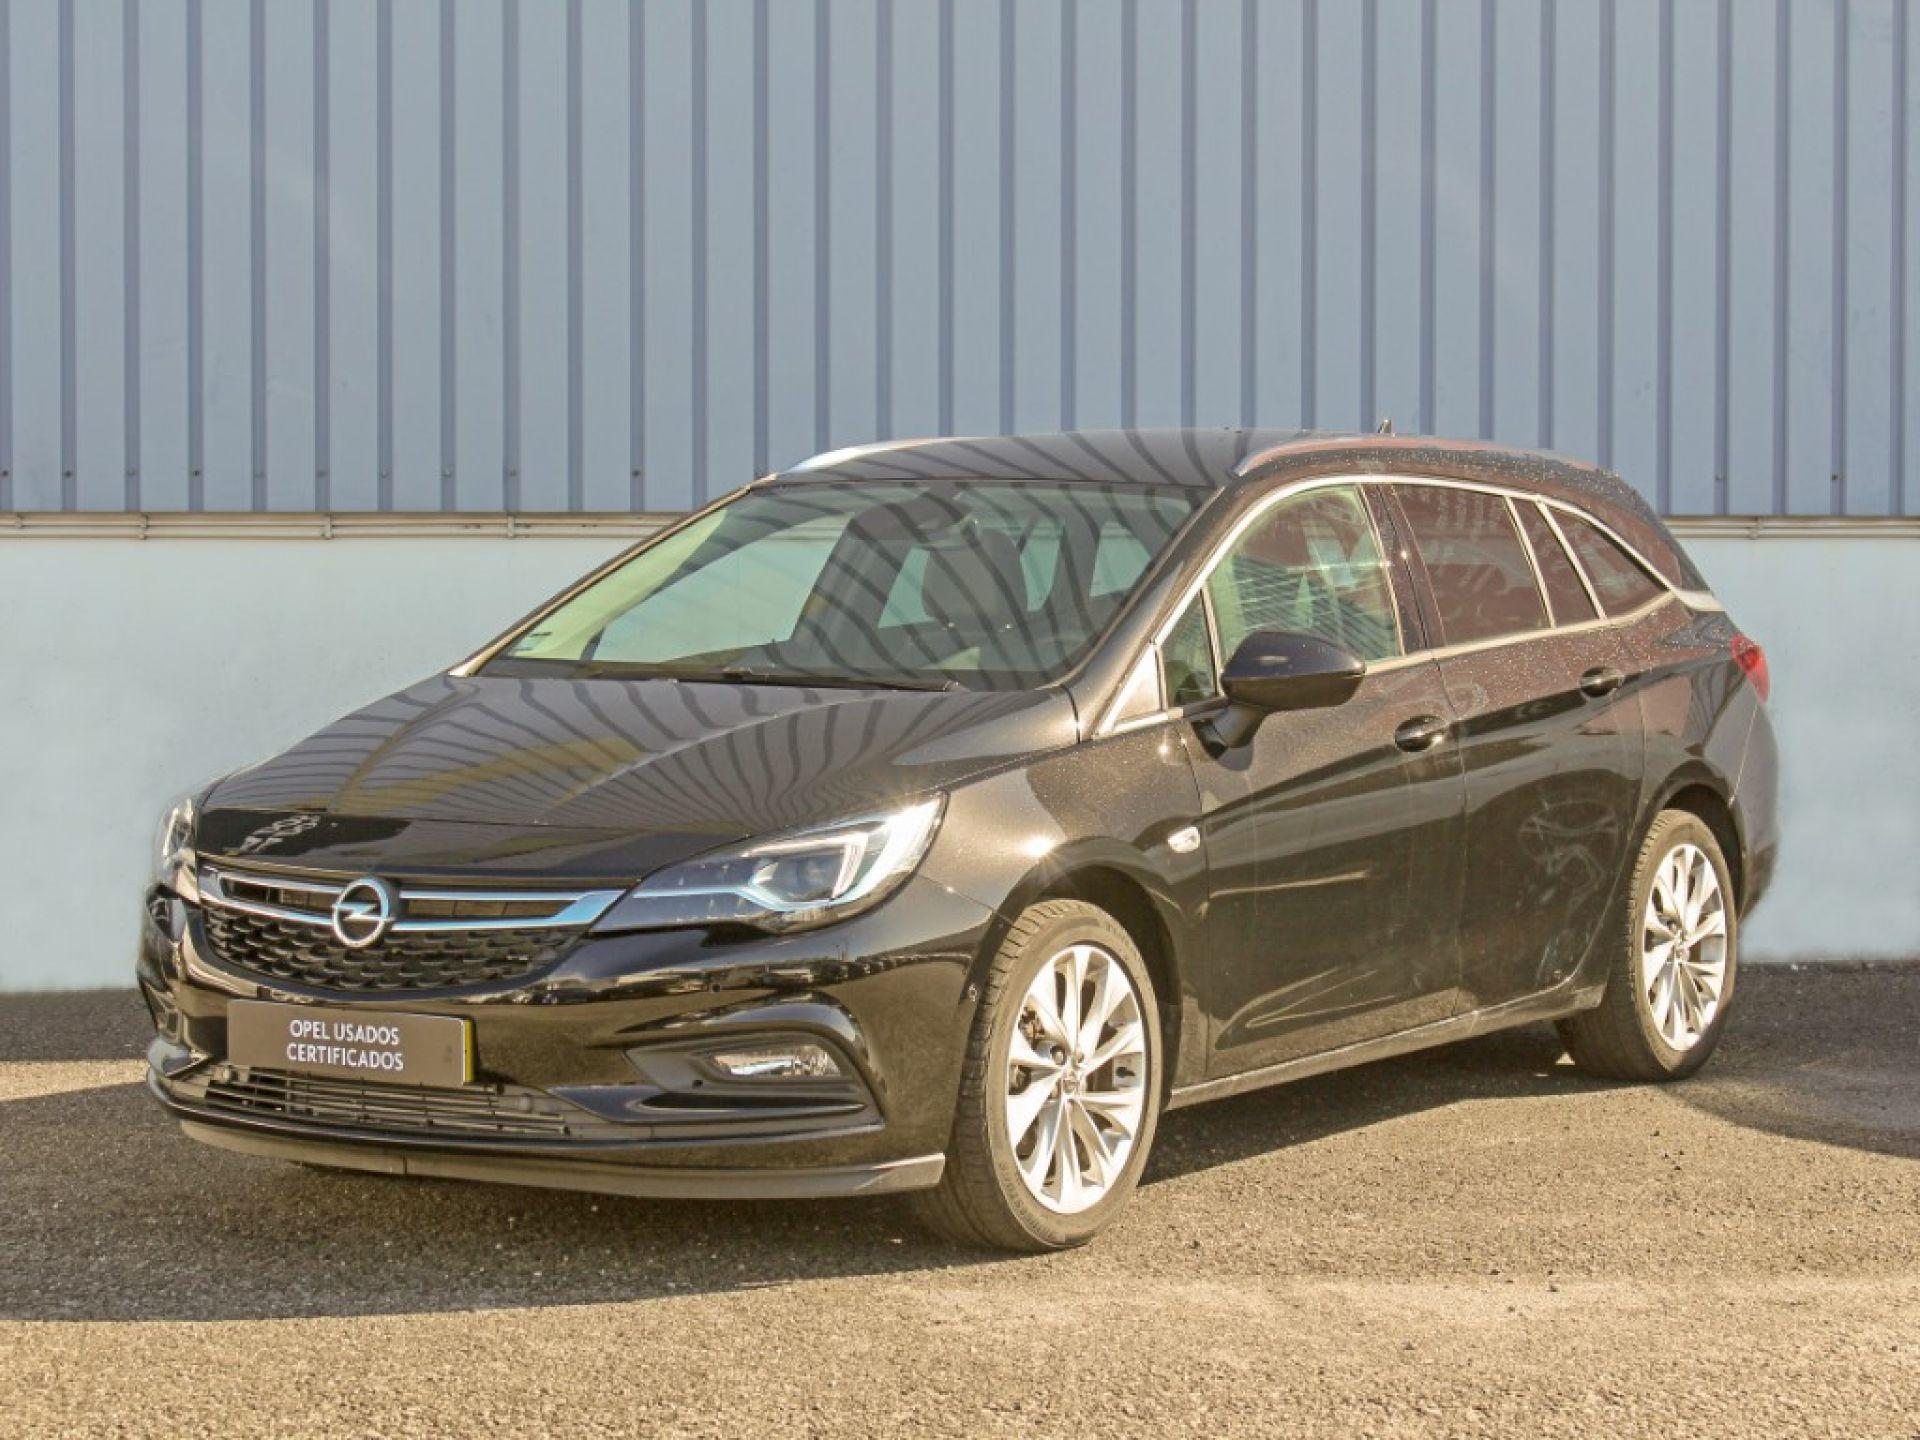 Opel Astra 1.6 Turbo D 110cv S/S J16 Innovation ST segunda mão Porto